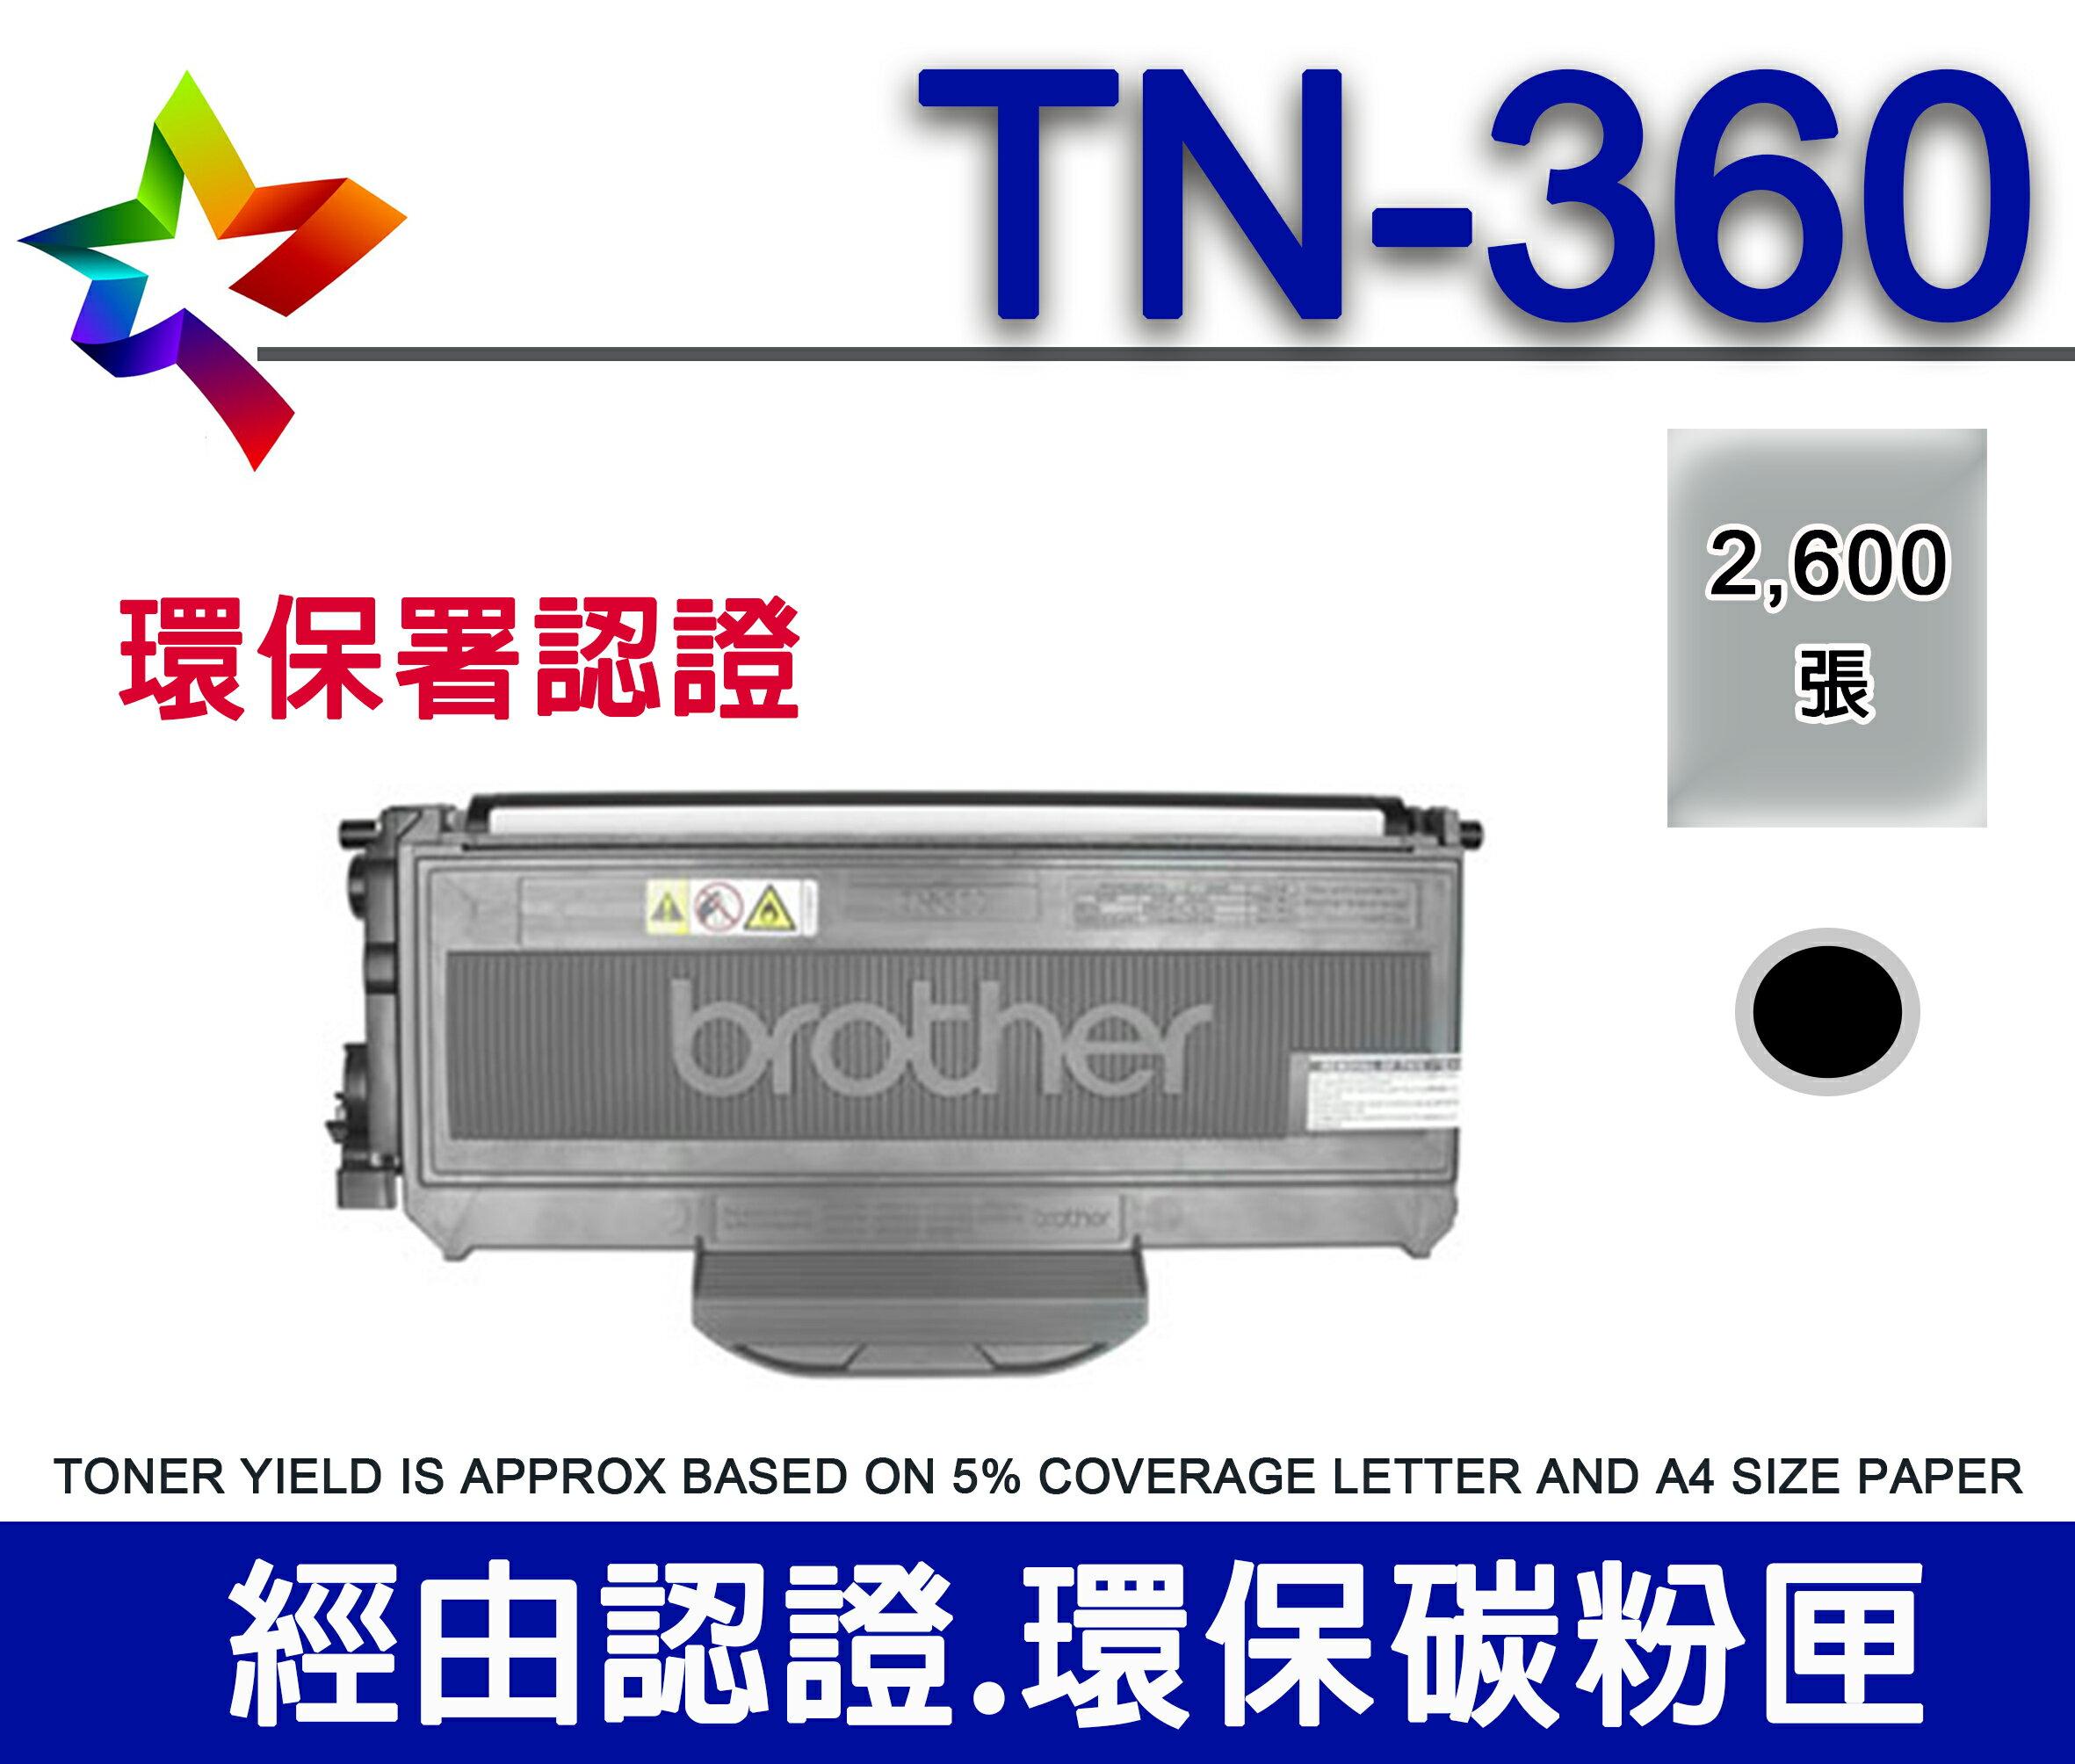 【台灣兄弟國際資訊科技】【認證碳粉】Brother TN-360環保高容量碳粉匣~適MFC-7340.MFC-7440N.MFC-7840W.HL-2140.DCP-7040.DCP-7050.HL-2170W.DCP-7030